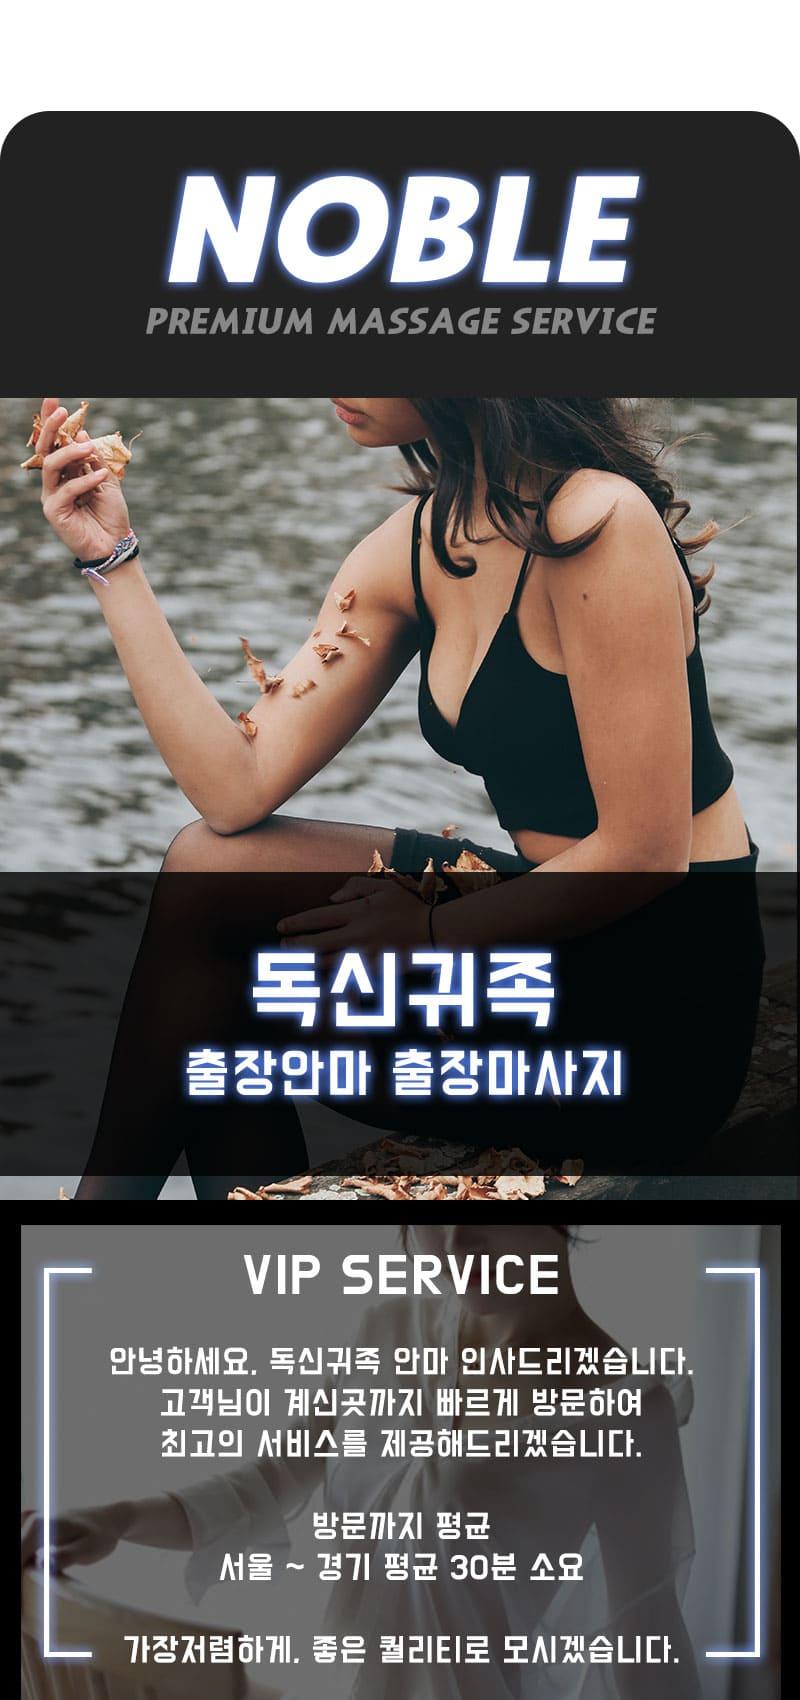 영등포출장안마 소개